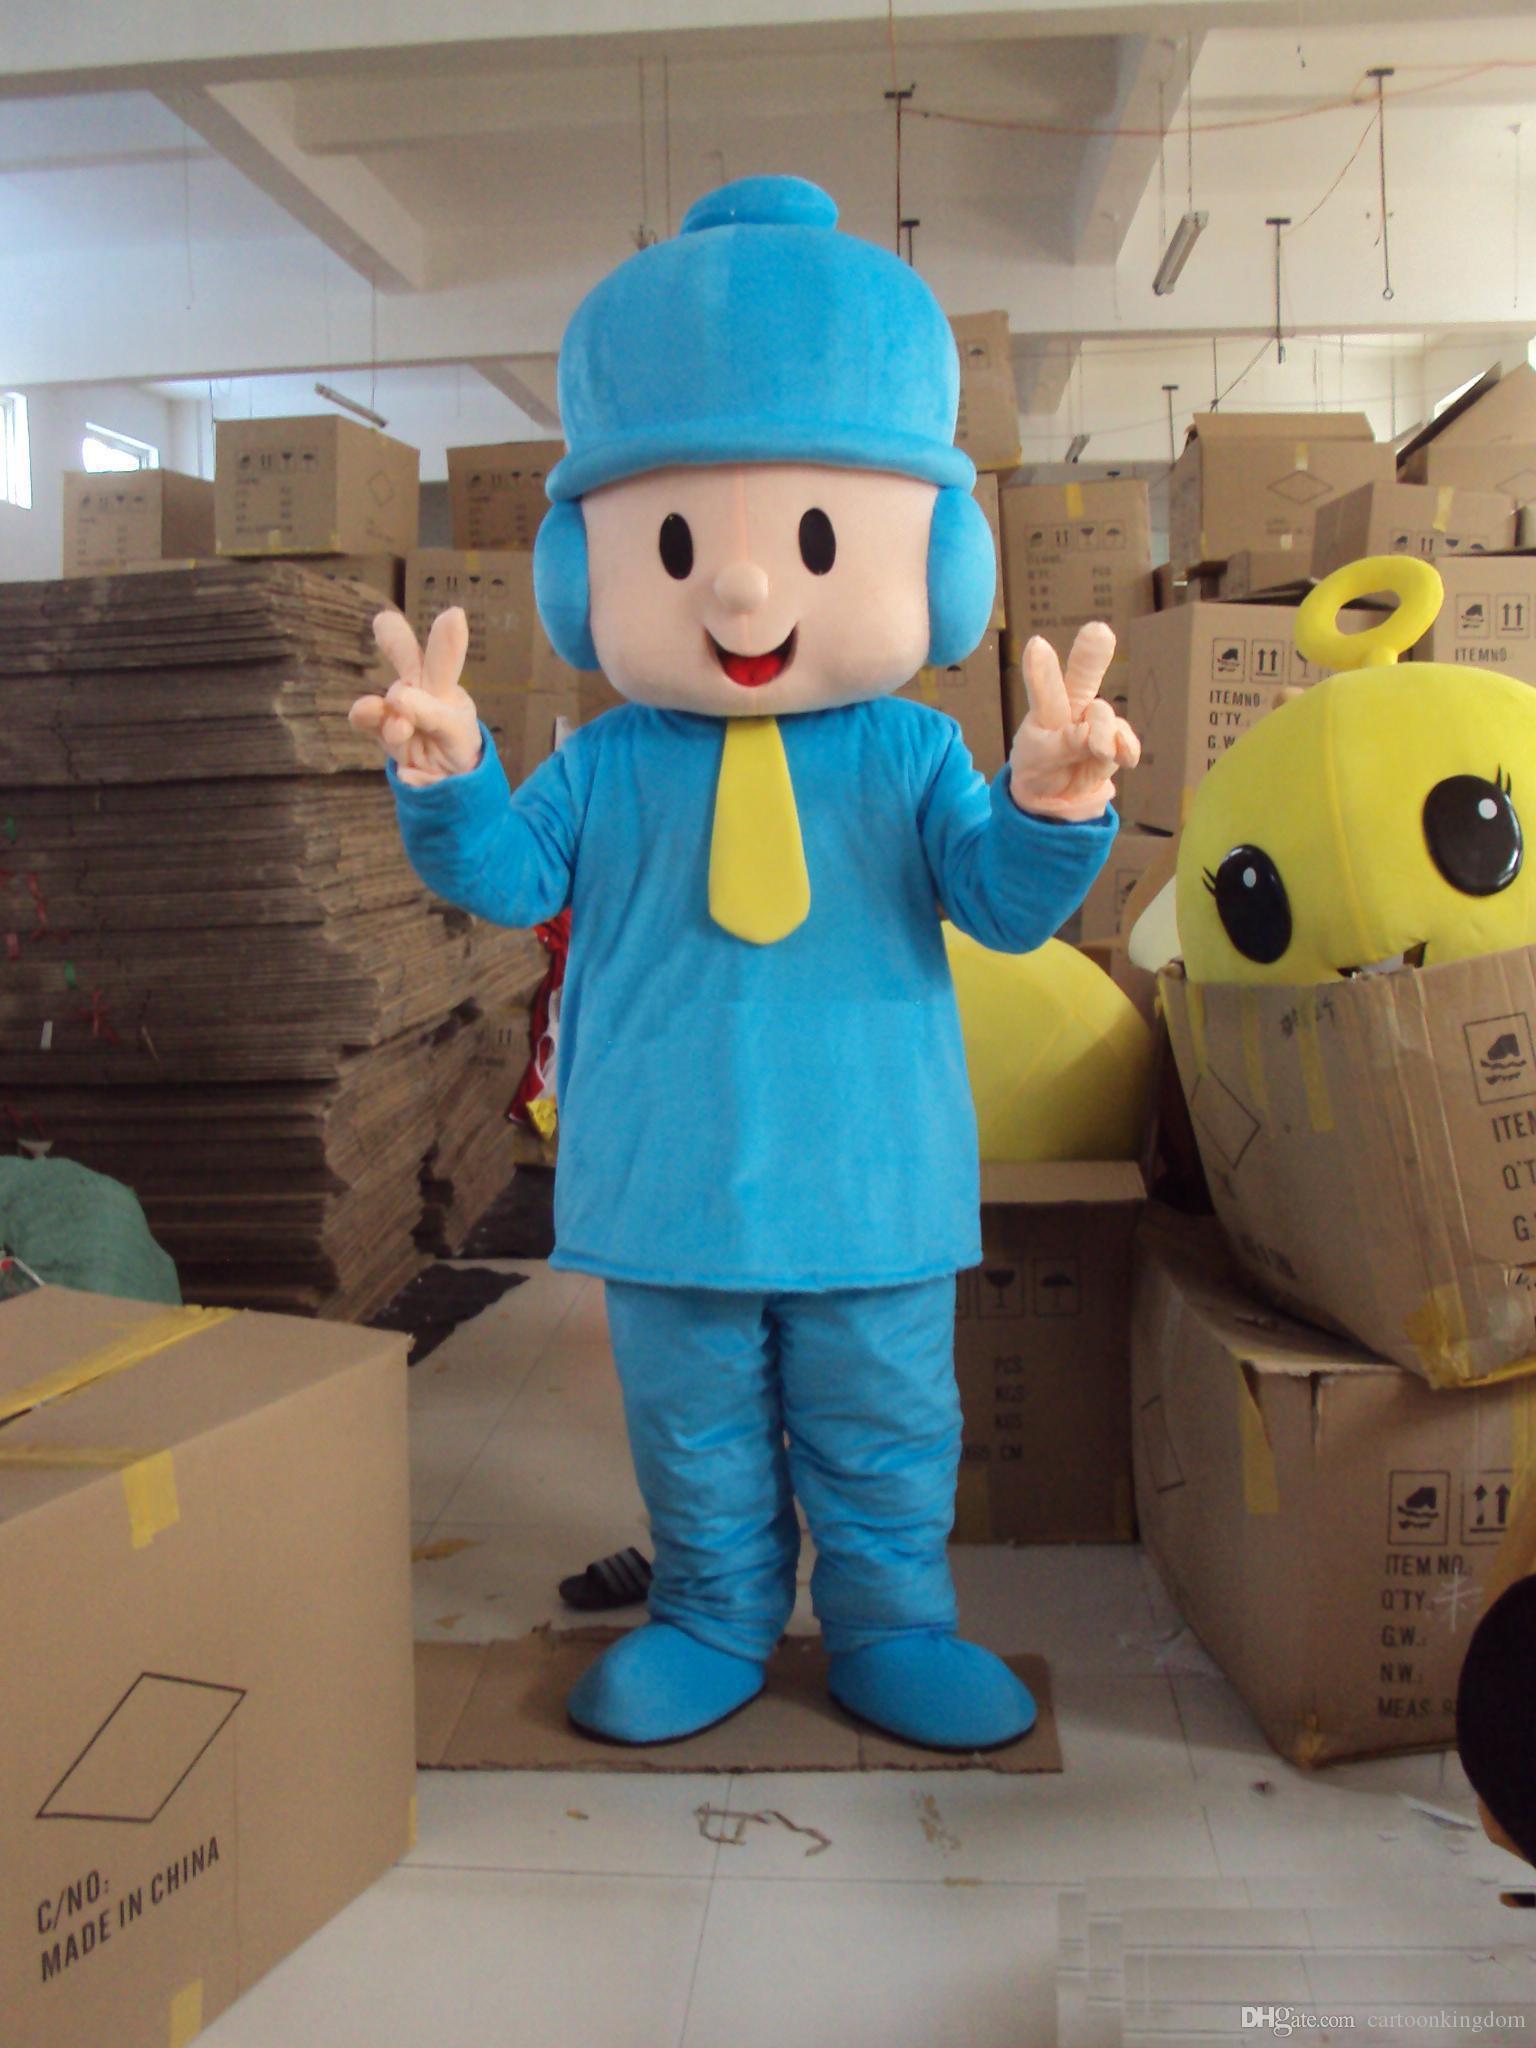 2018 высокое качество взрослый размер костюм персонажа из мультфильма Покойо мальчик талисмана костюмы